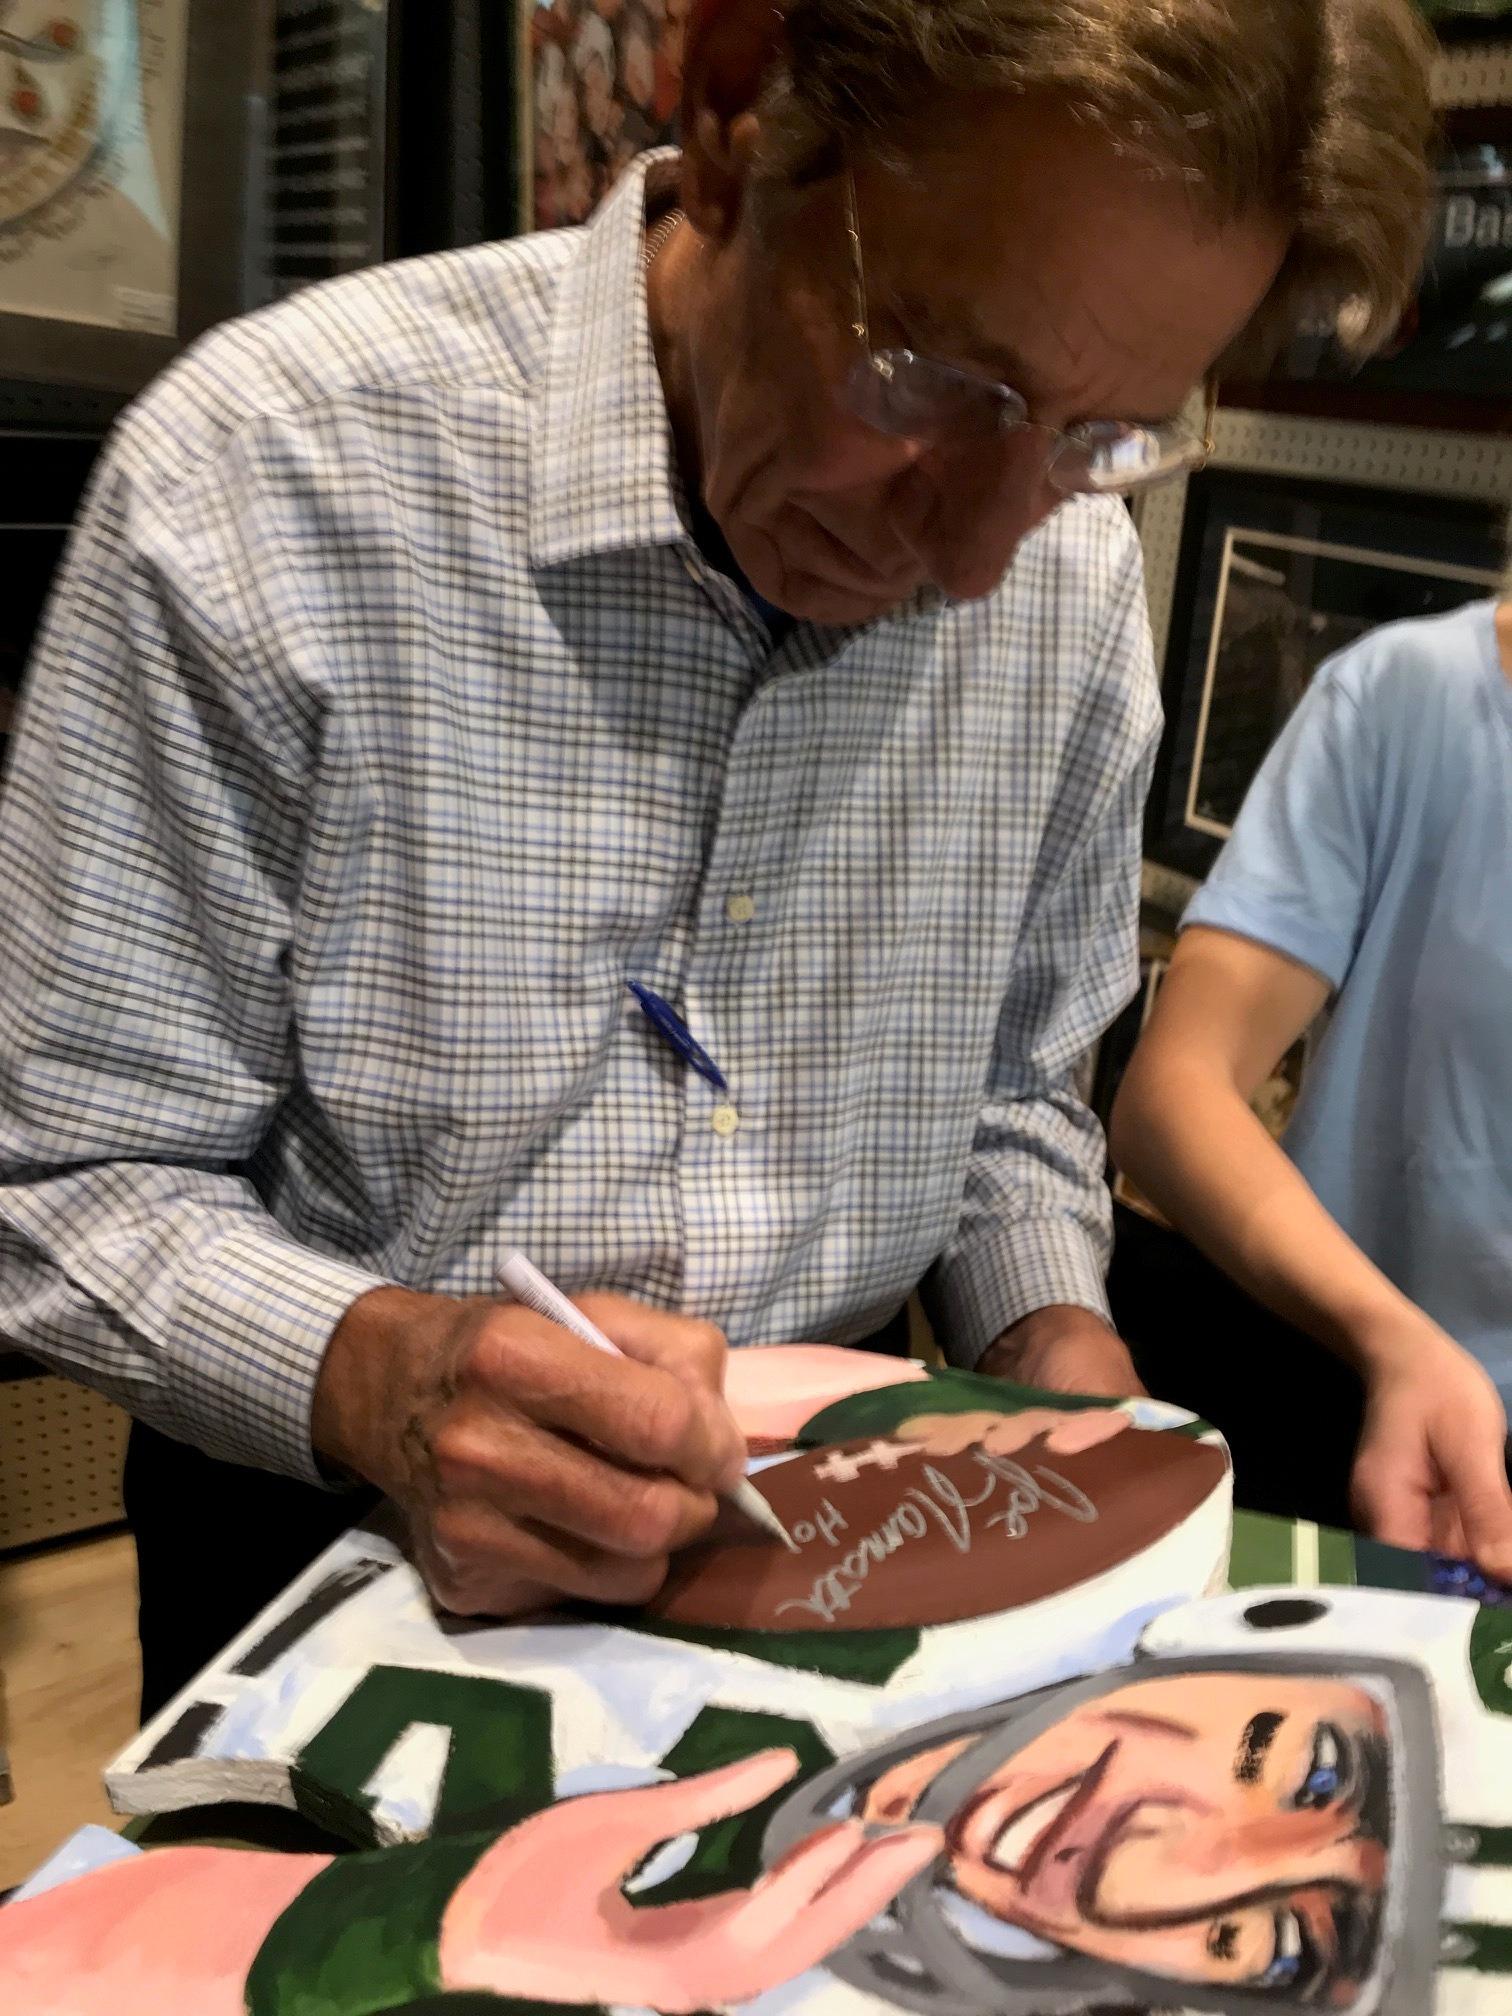 Namath signing painting